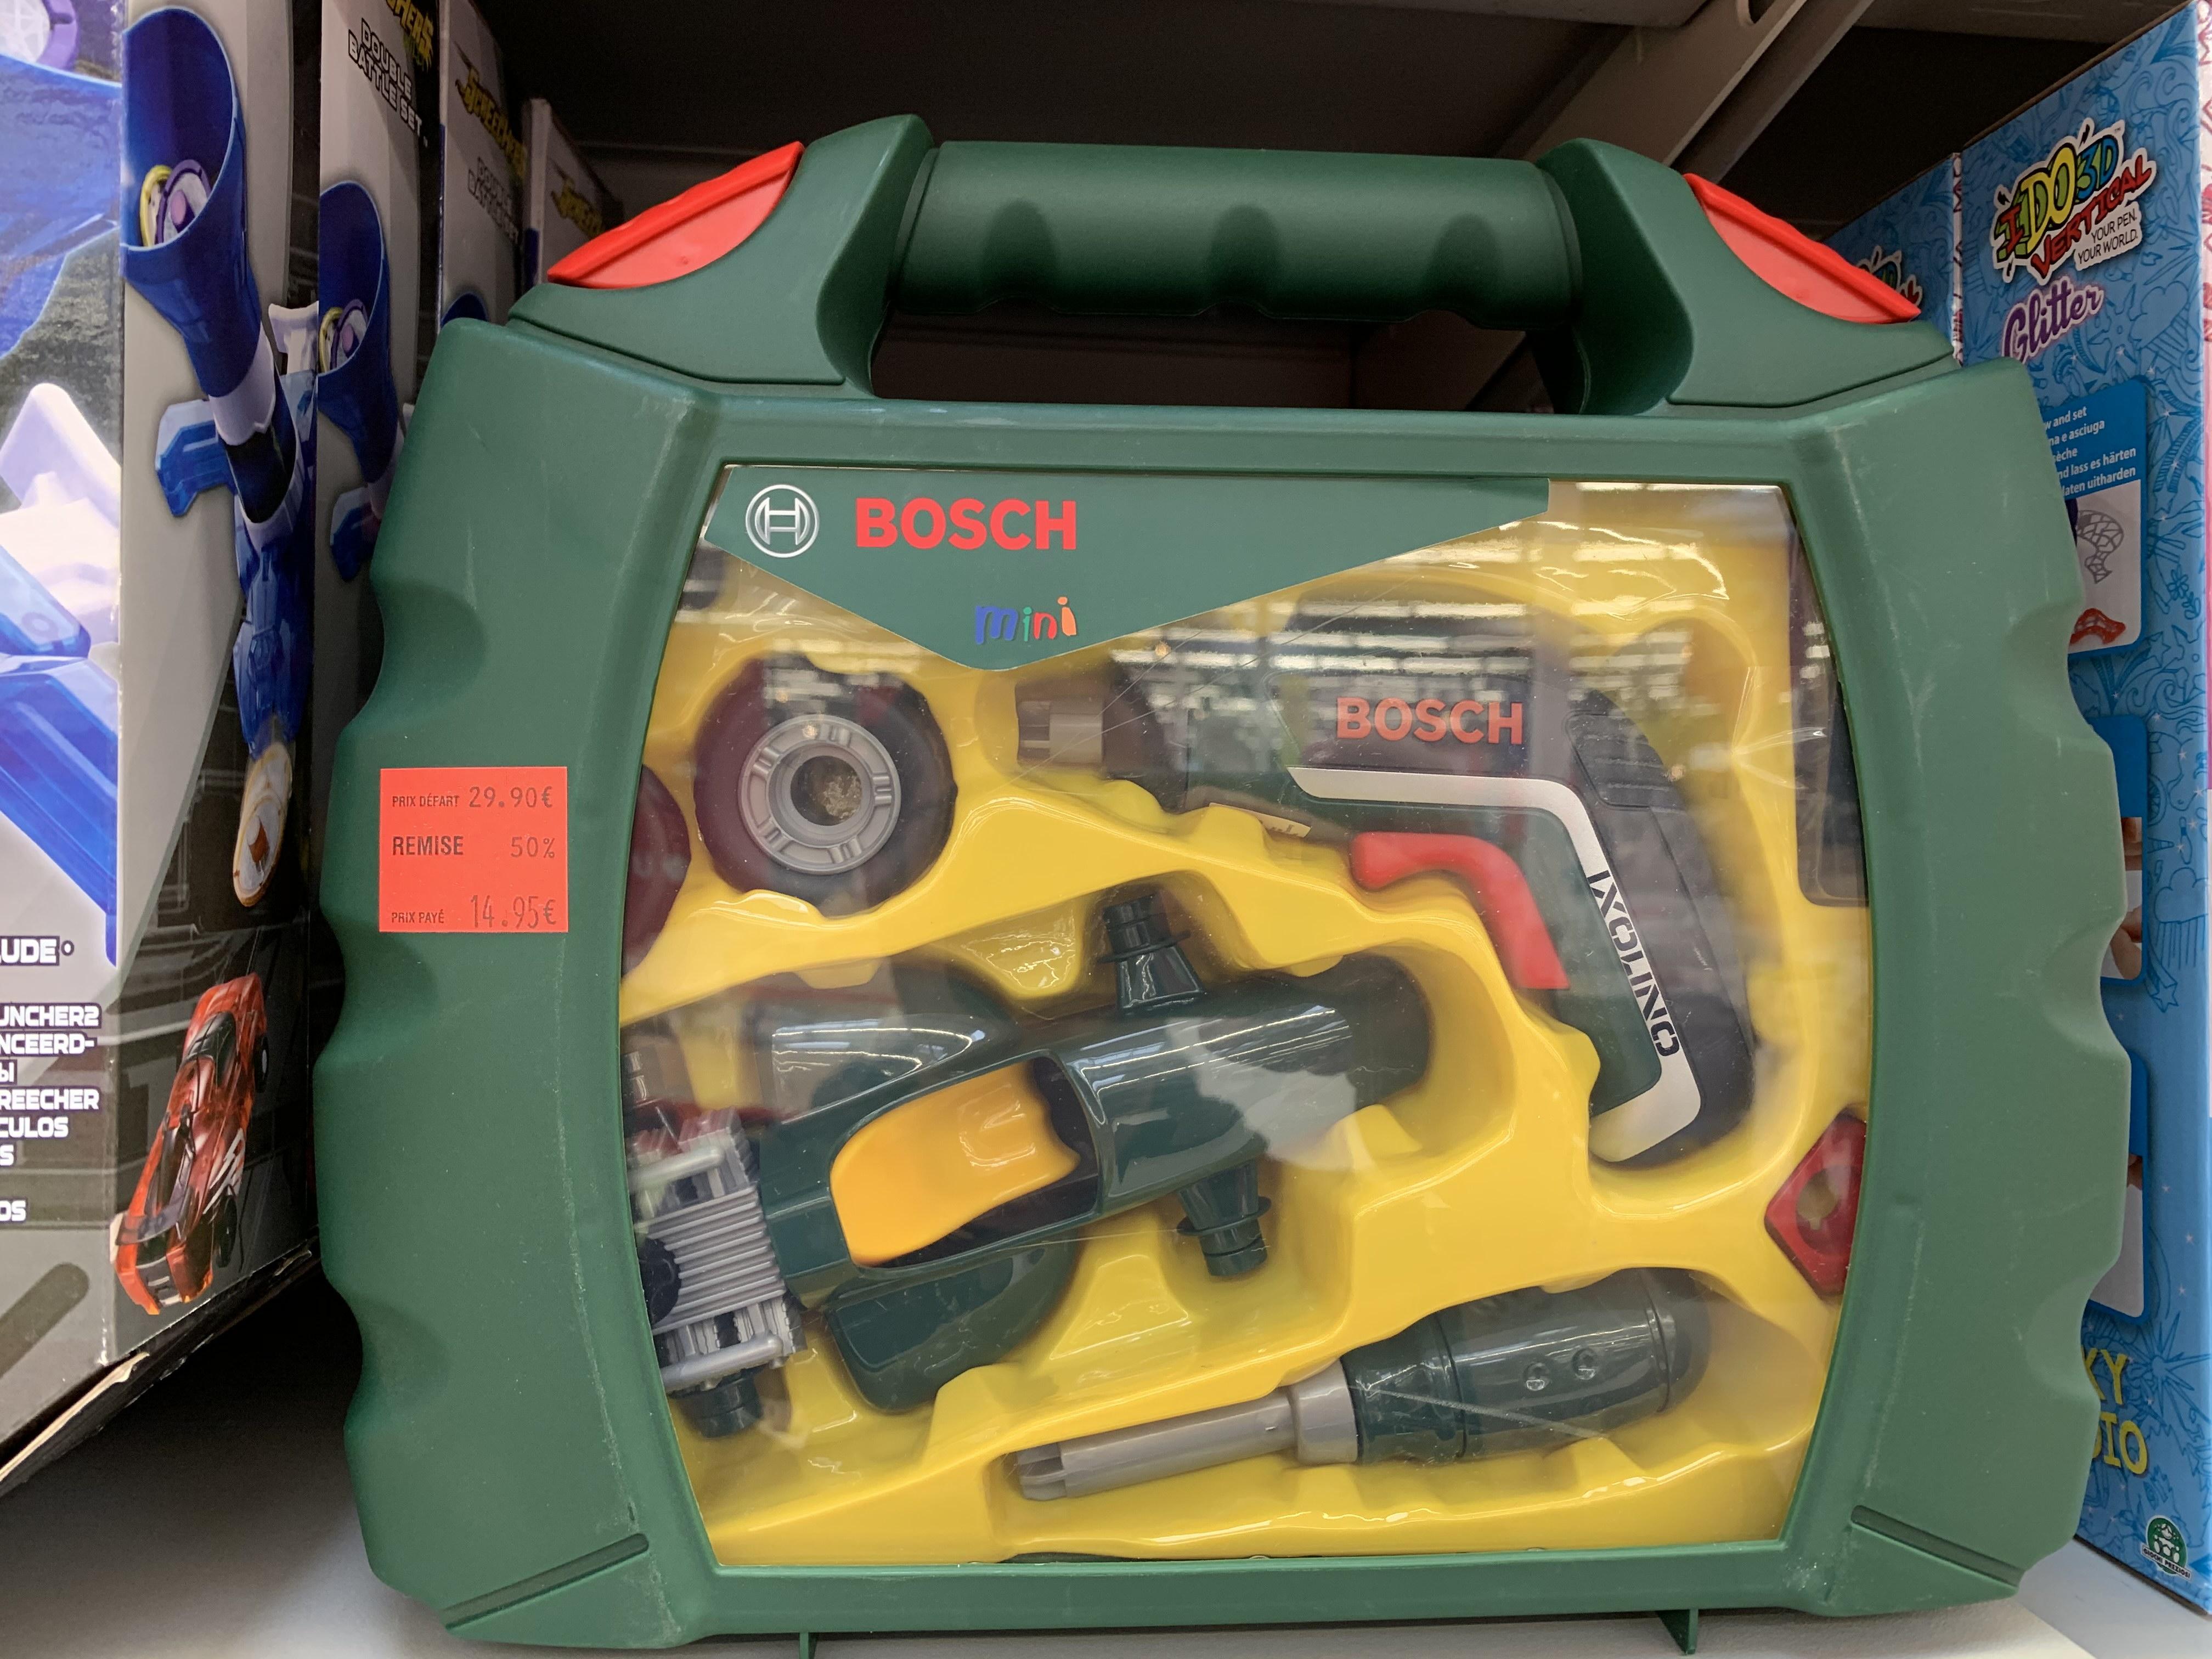 Sélection de jeux et jouets en promotion (Ex: jouets d'imitation Bosch Mini) - Merignac (33)